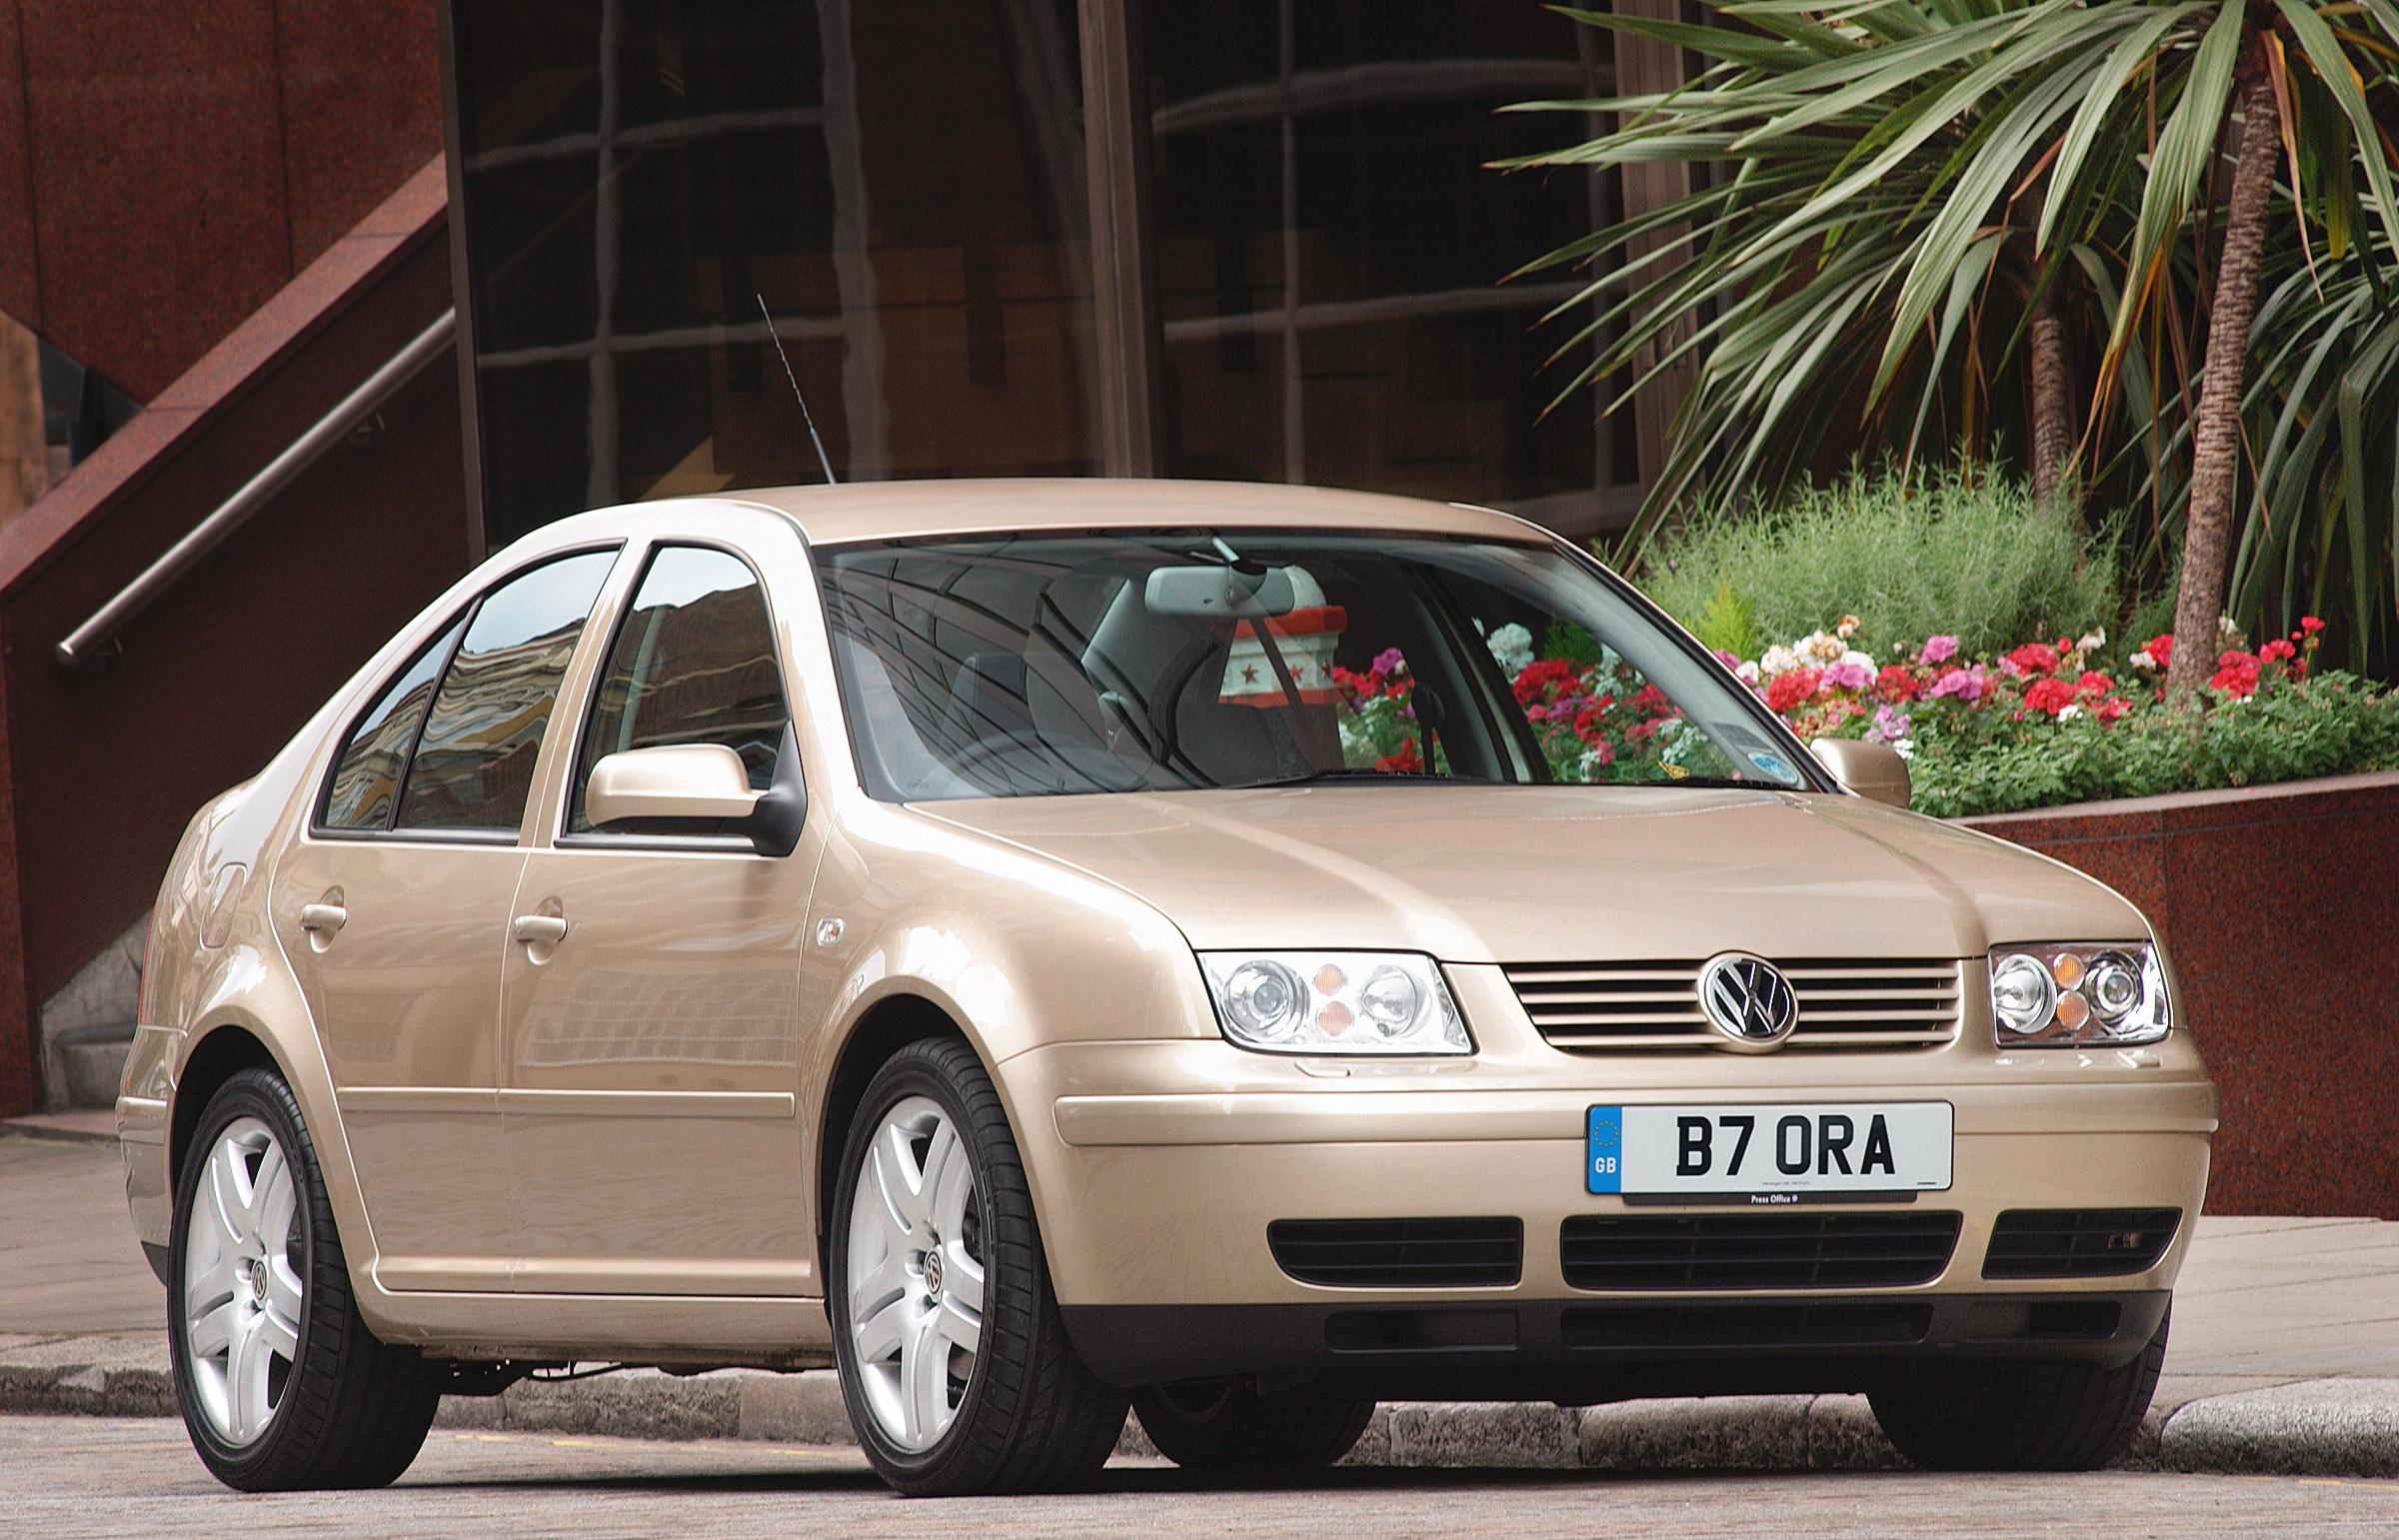 2004 Volkswagen Bora Picture 71701